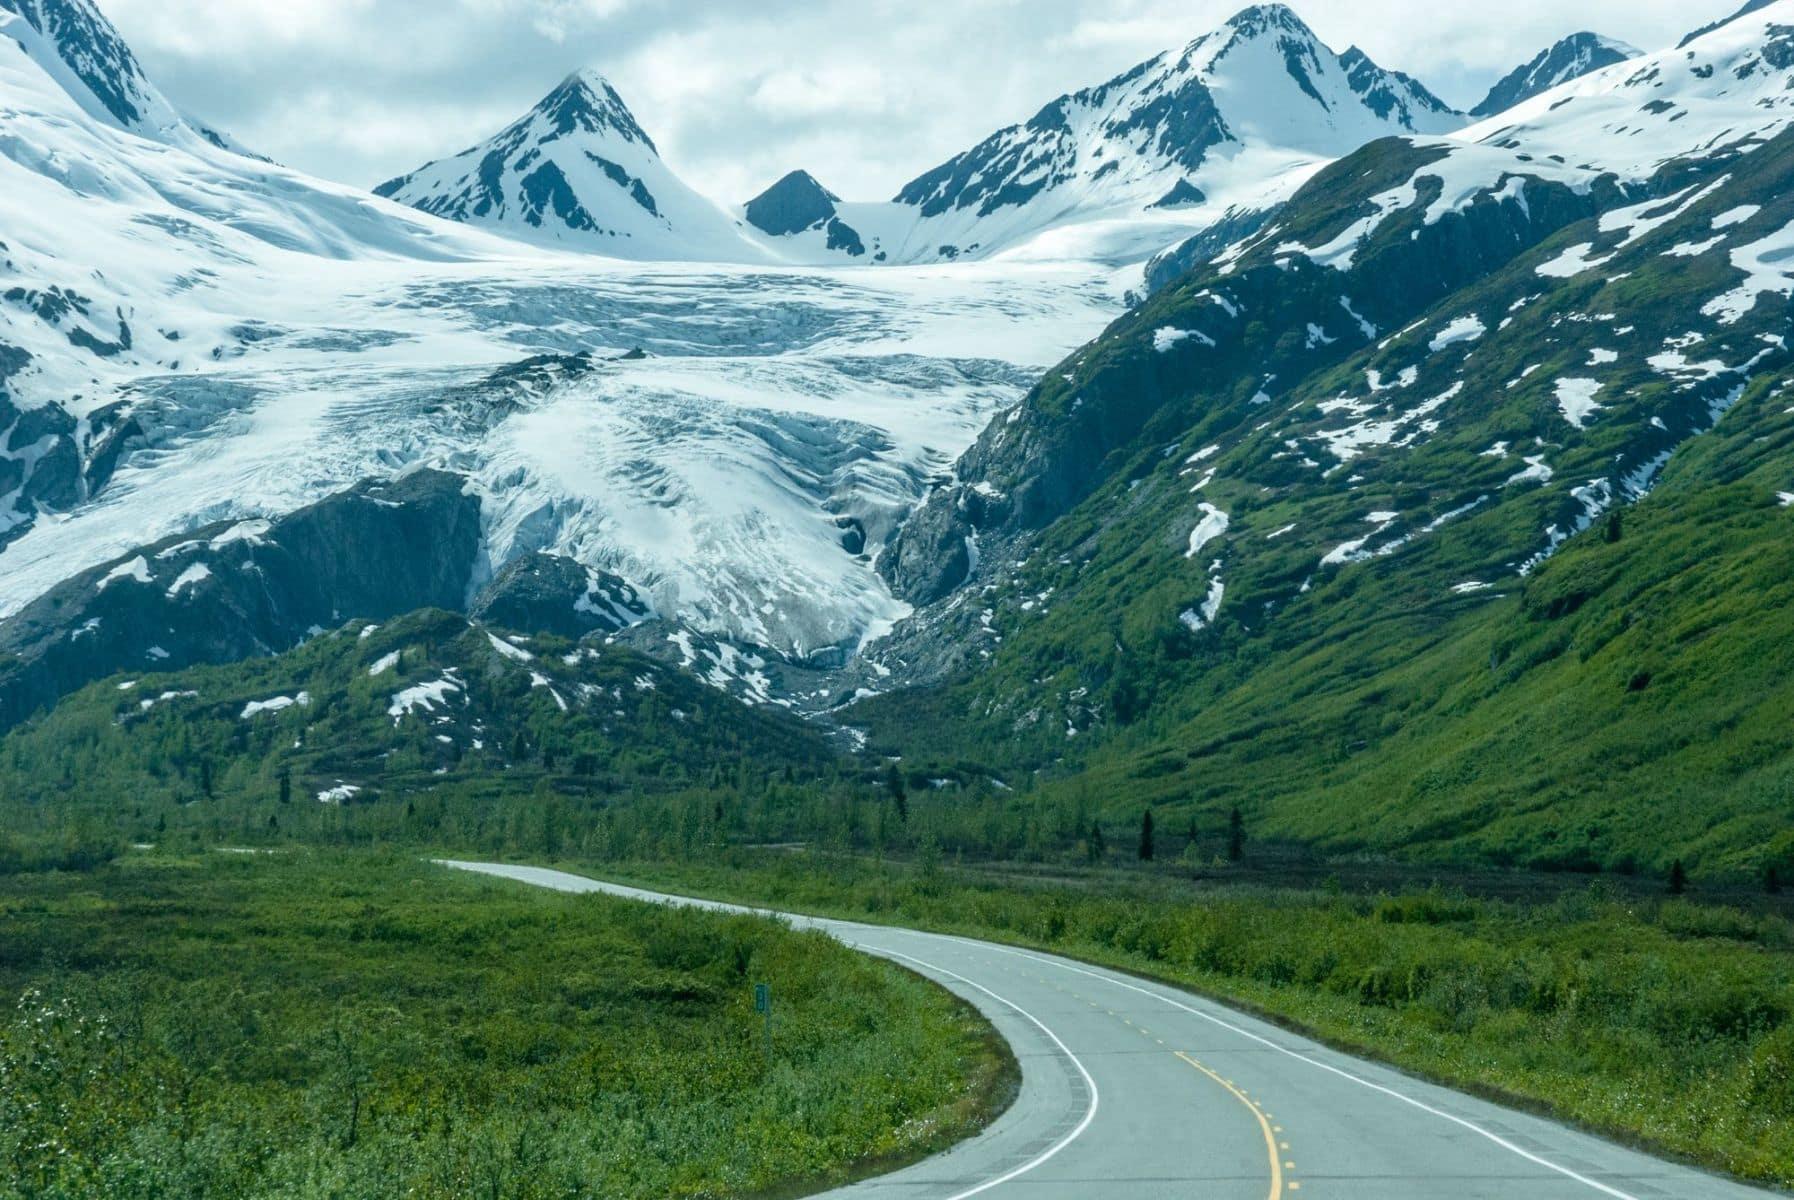 MichelAycaguer-Alaska bleu gris vert-2010-18